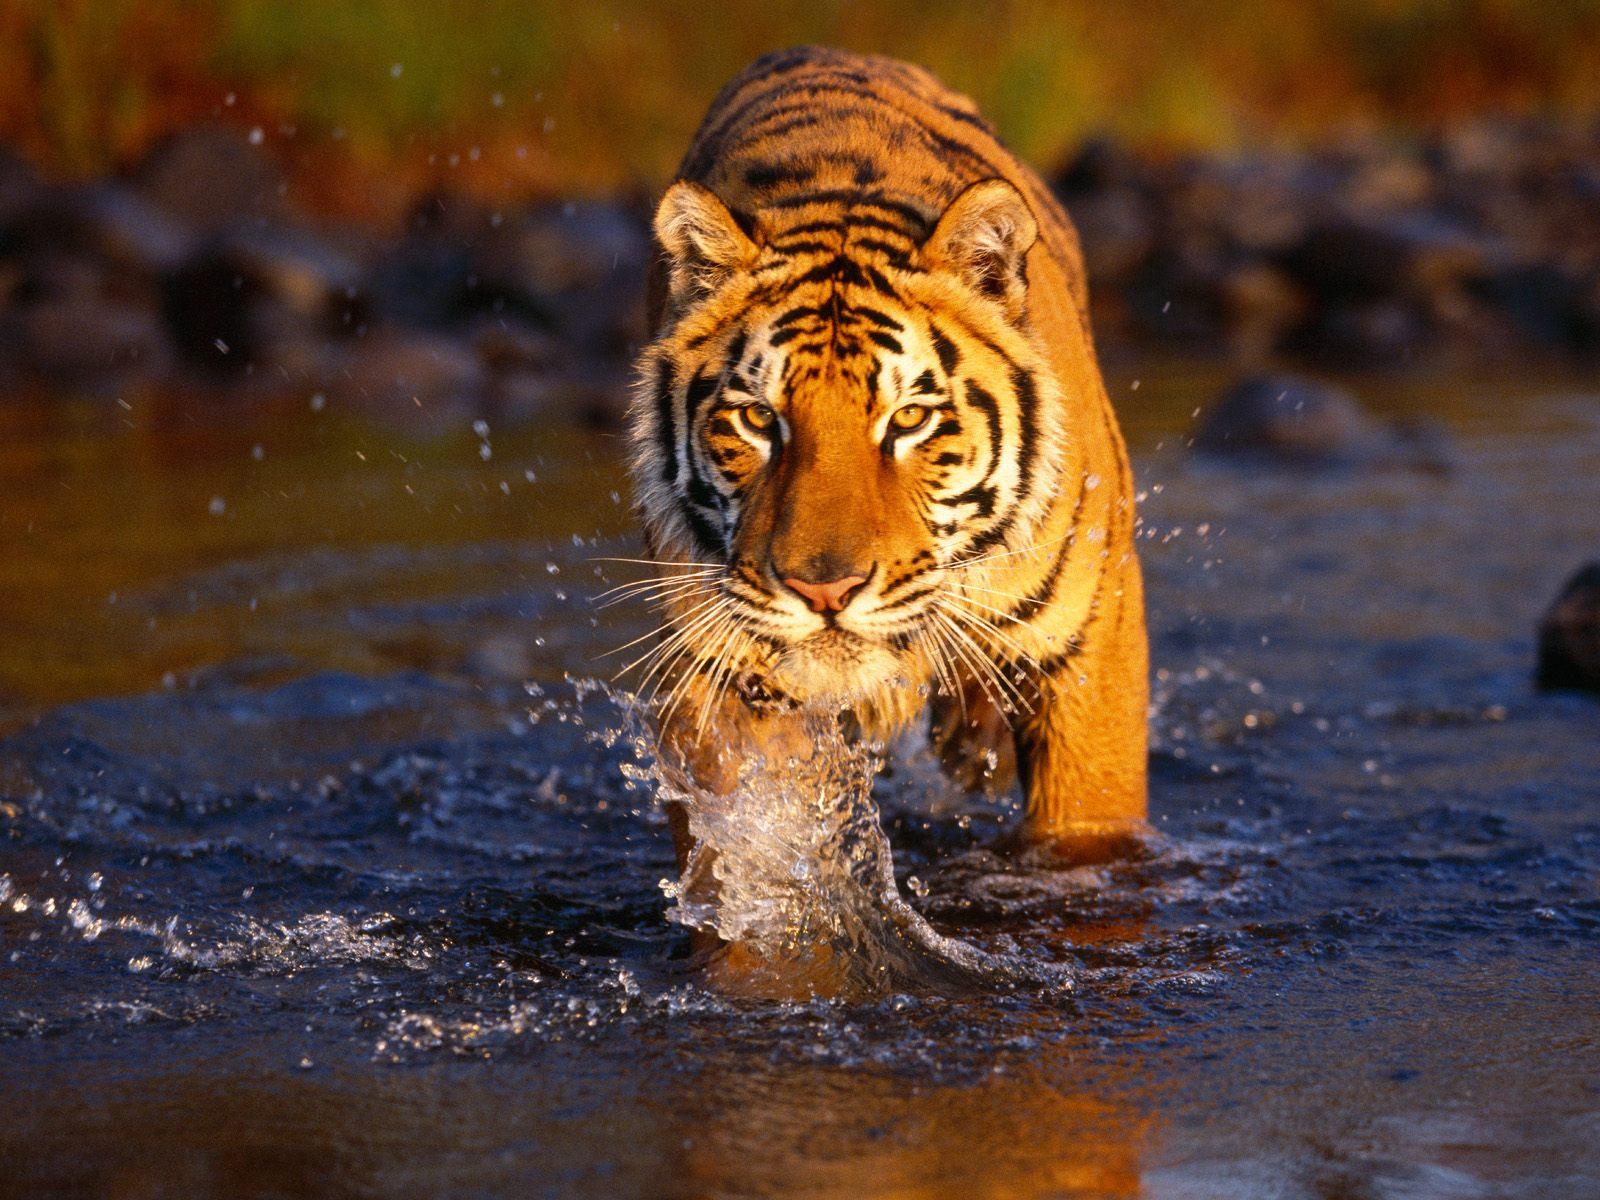 Hintergrundbilder Kostenlos Tiger - Windows 7: Desktop Hintergrundbilder automatisch wechseln